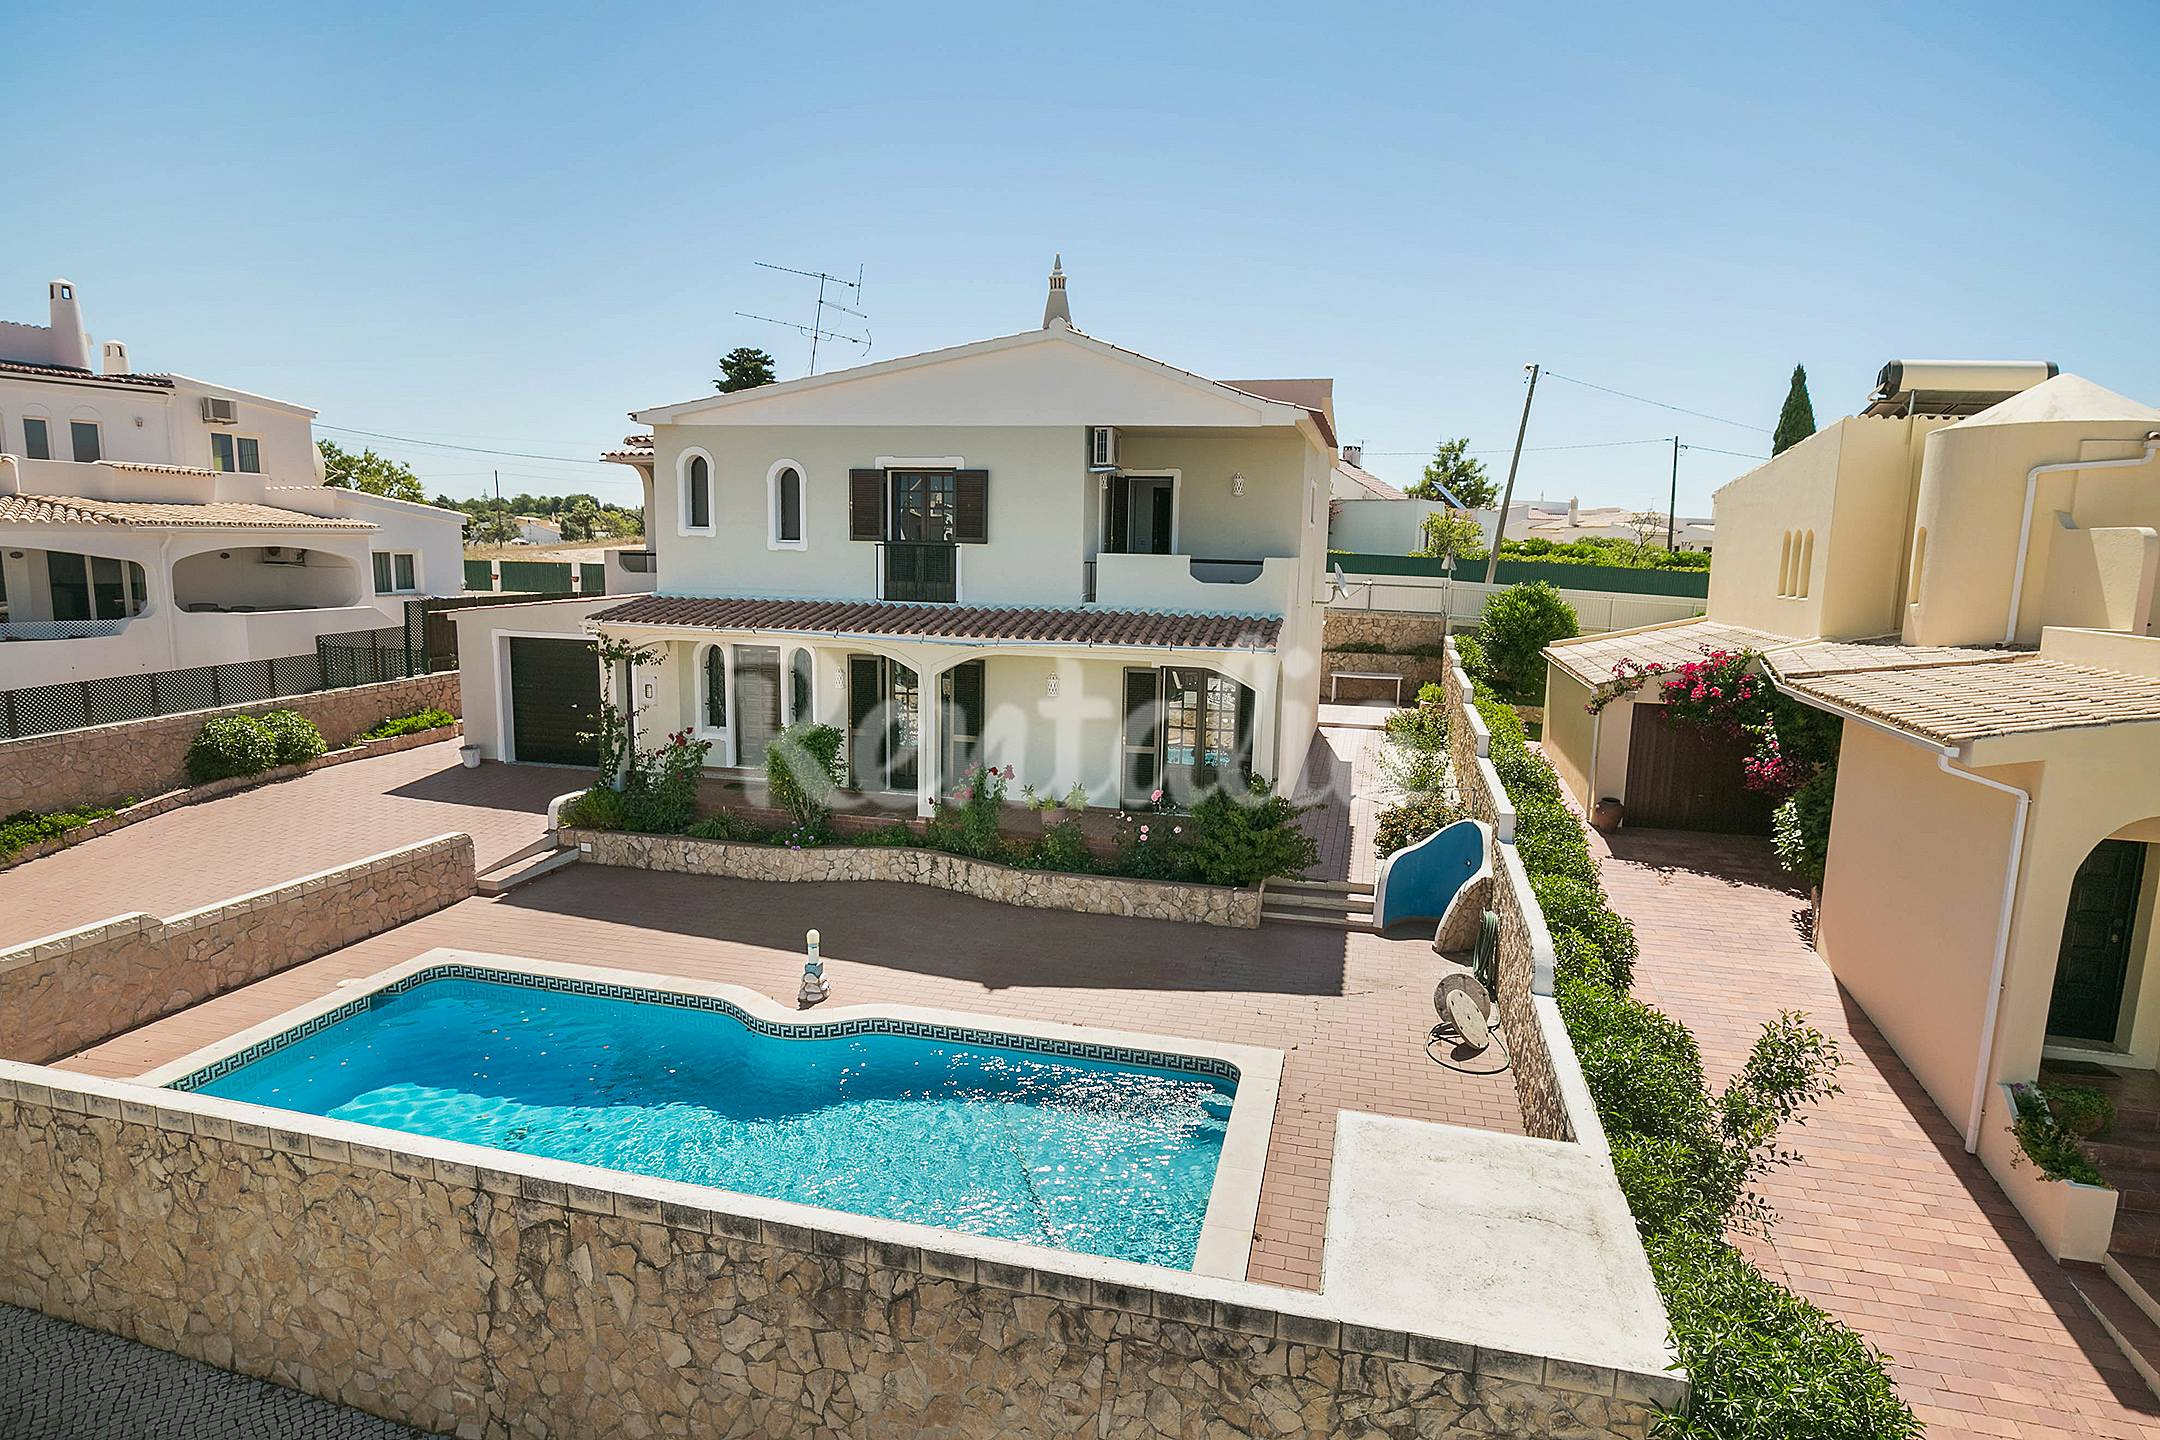 Casa en alquiler a 6 km de la playa guia albufeira algarve faro costa de algarve - Alquiler de casas en portugal ...